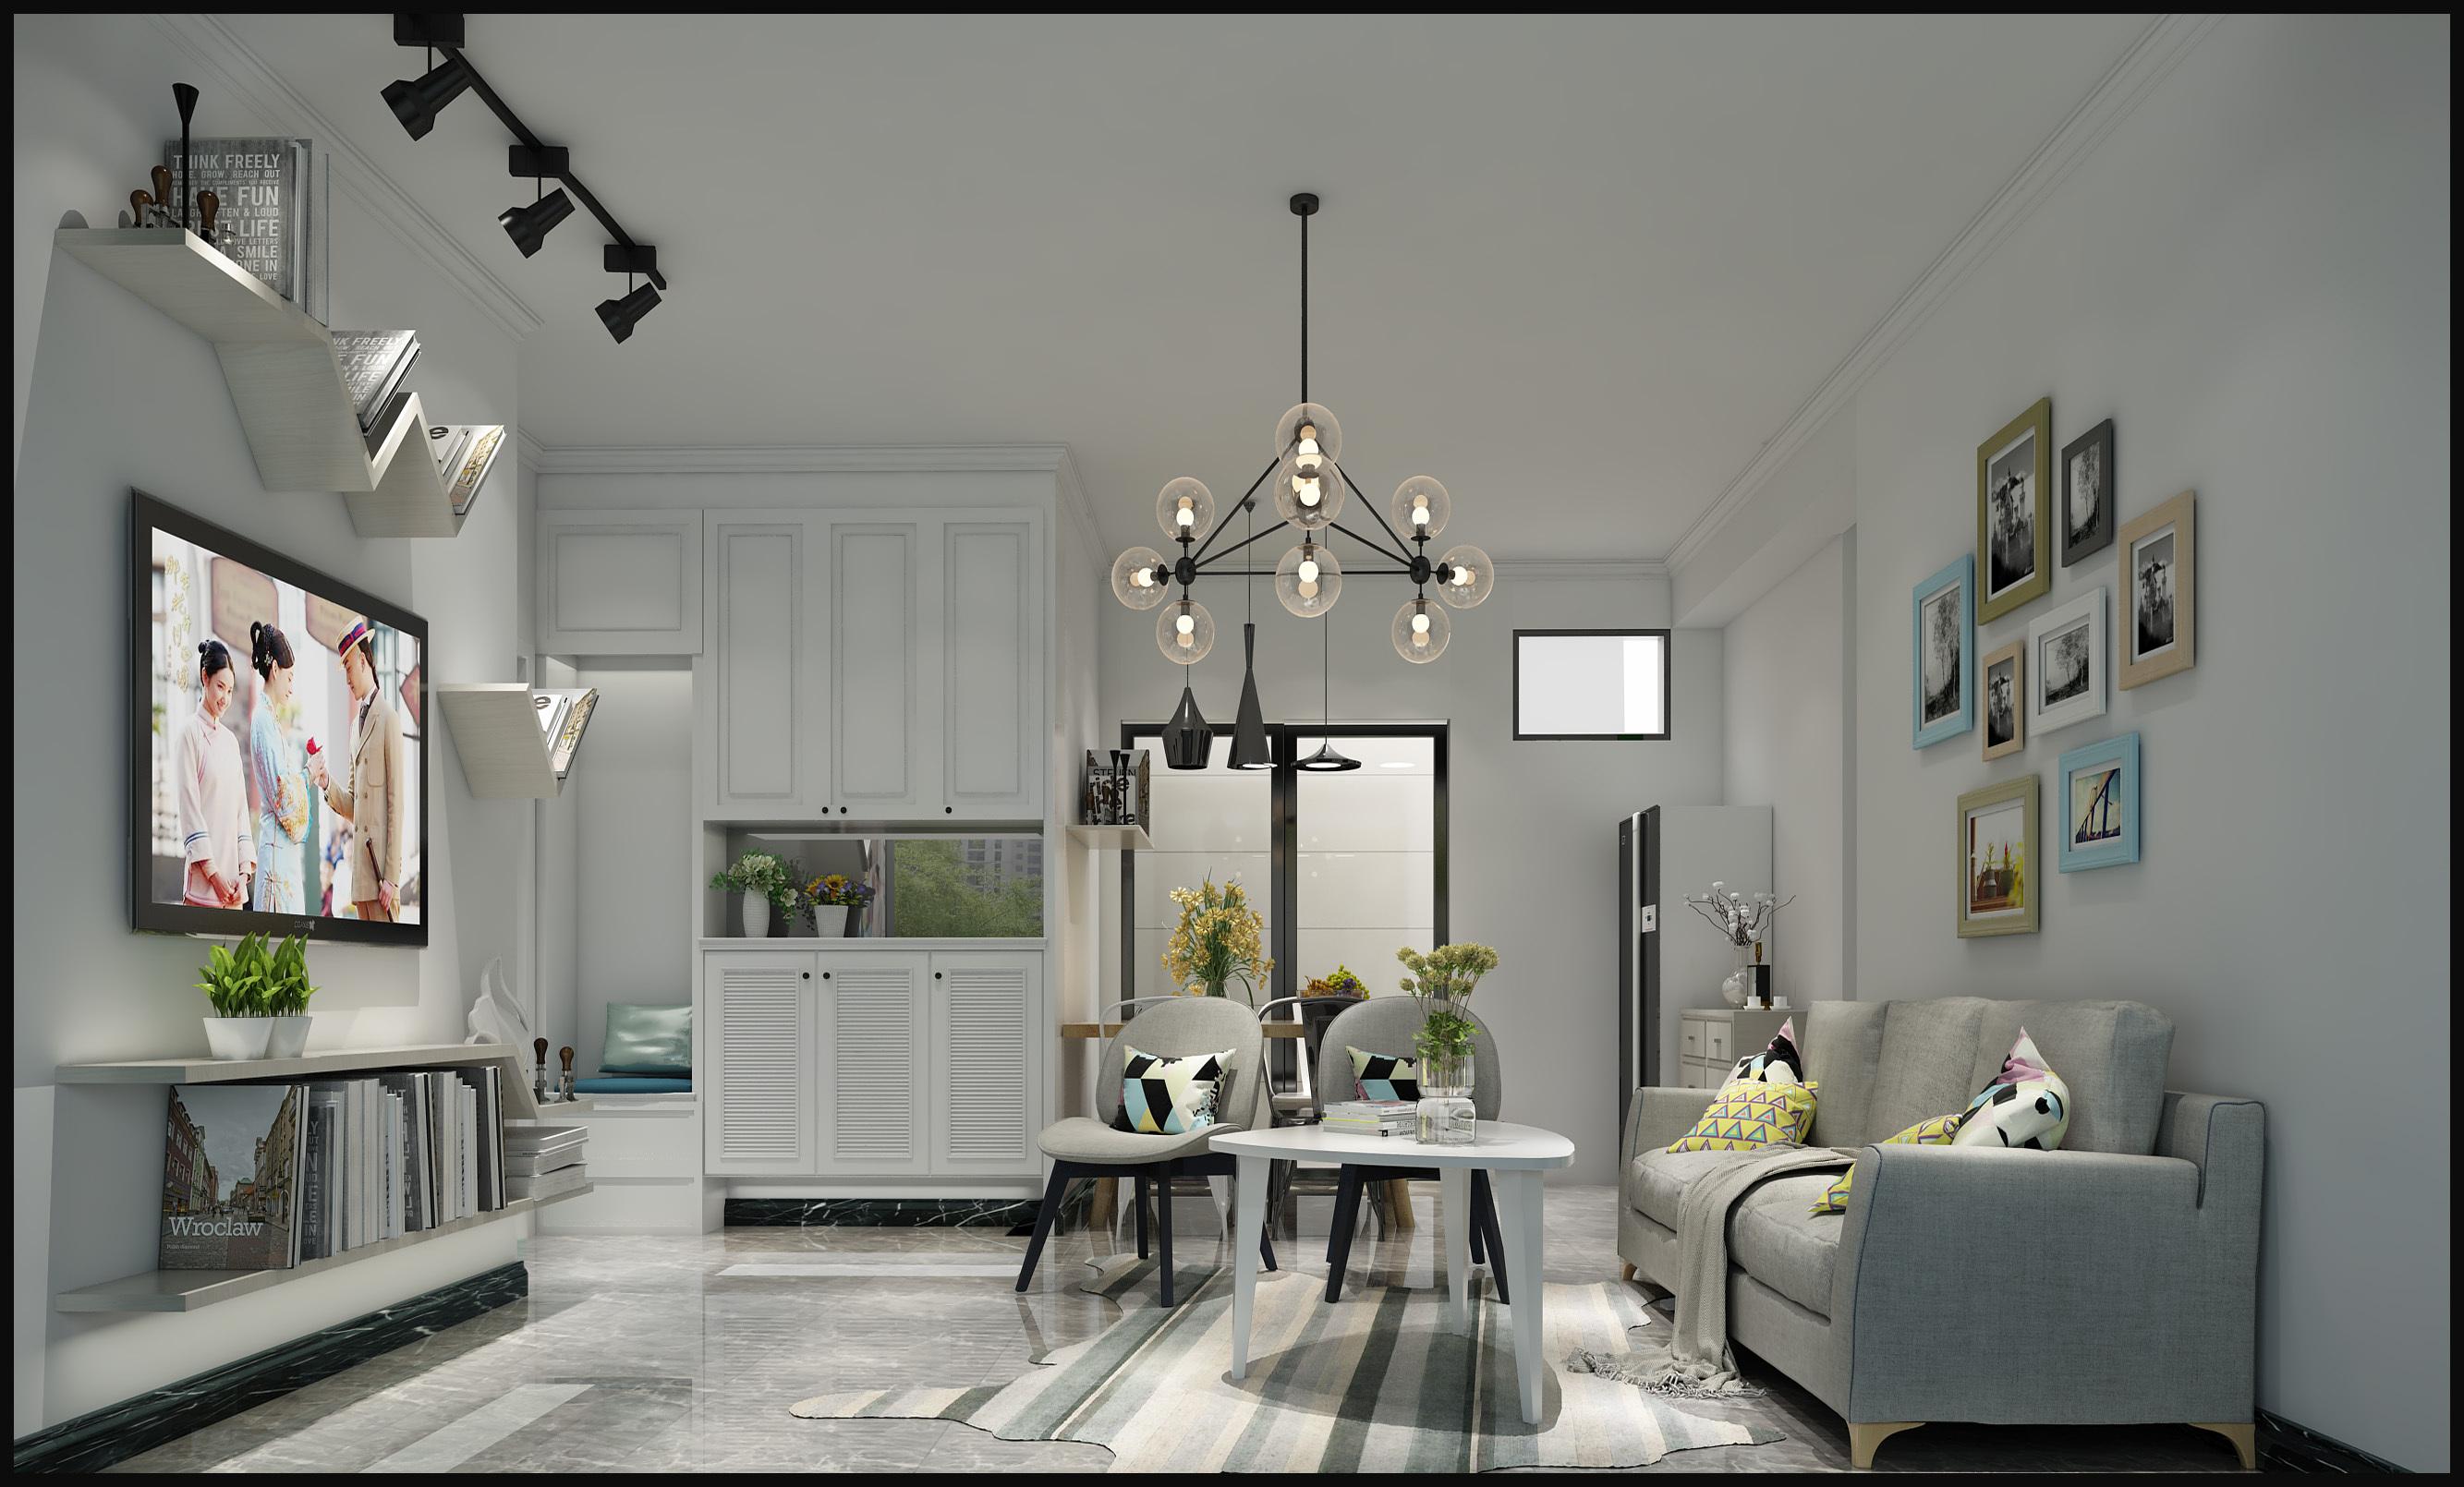 北欧风格|空间|室内设计|热爱家居 - 原创作品 - 站酷